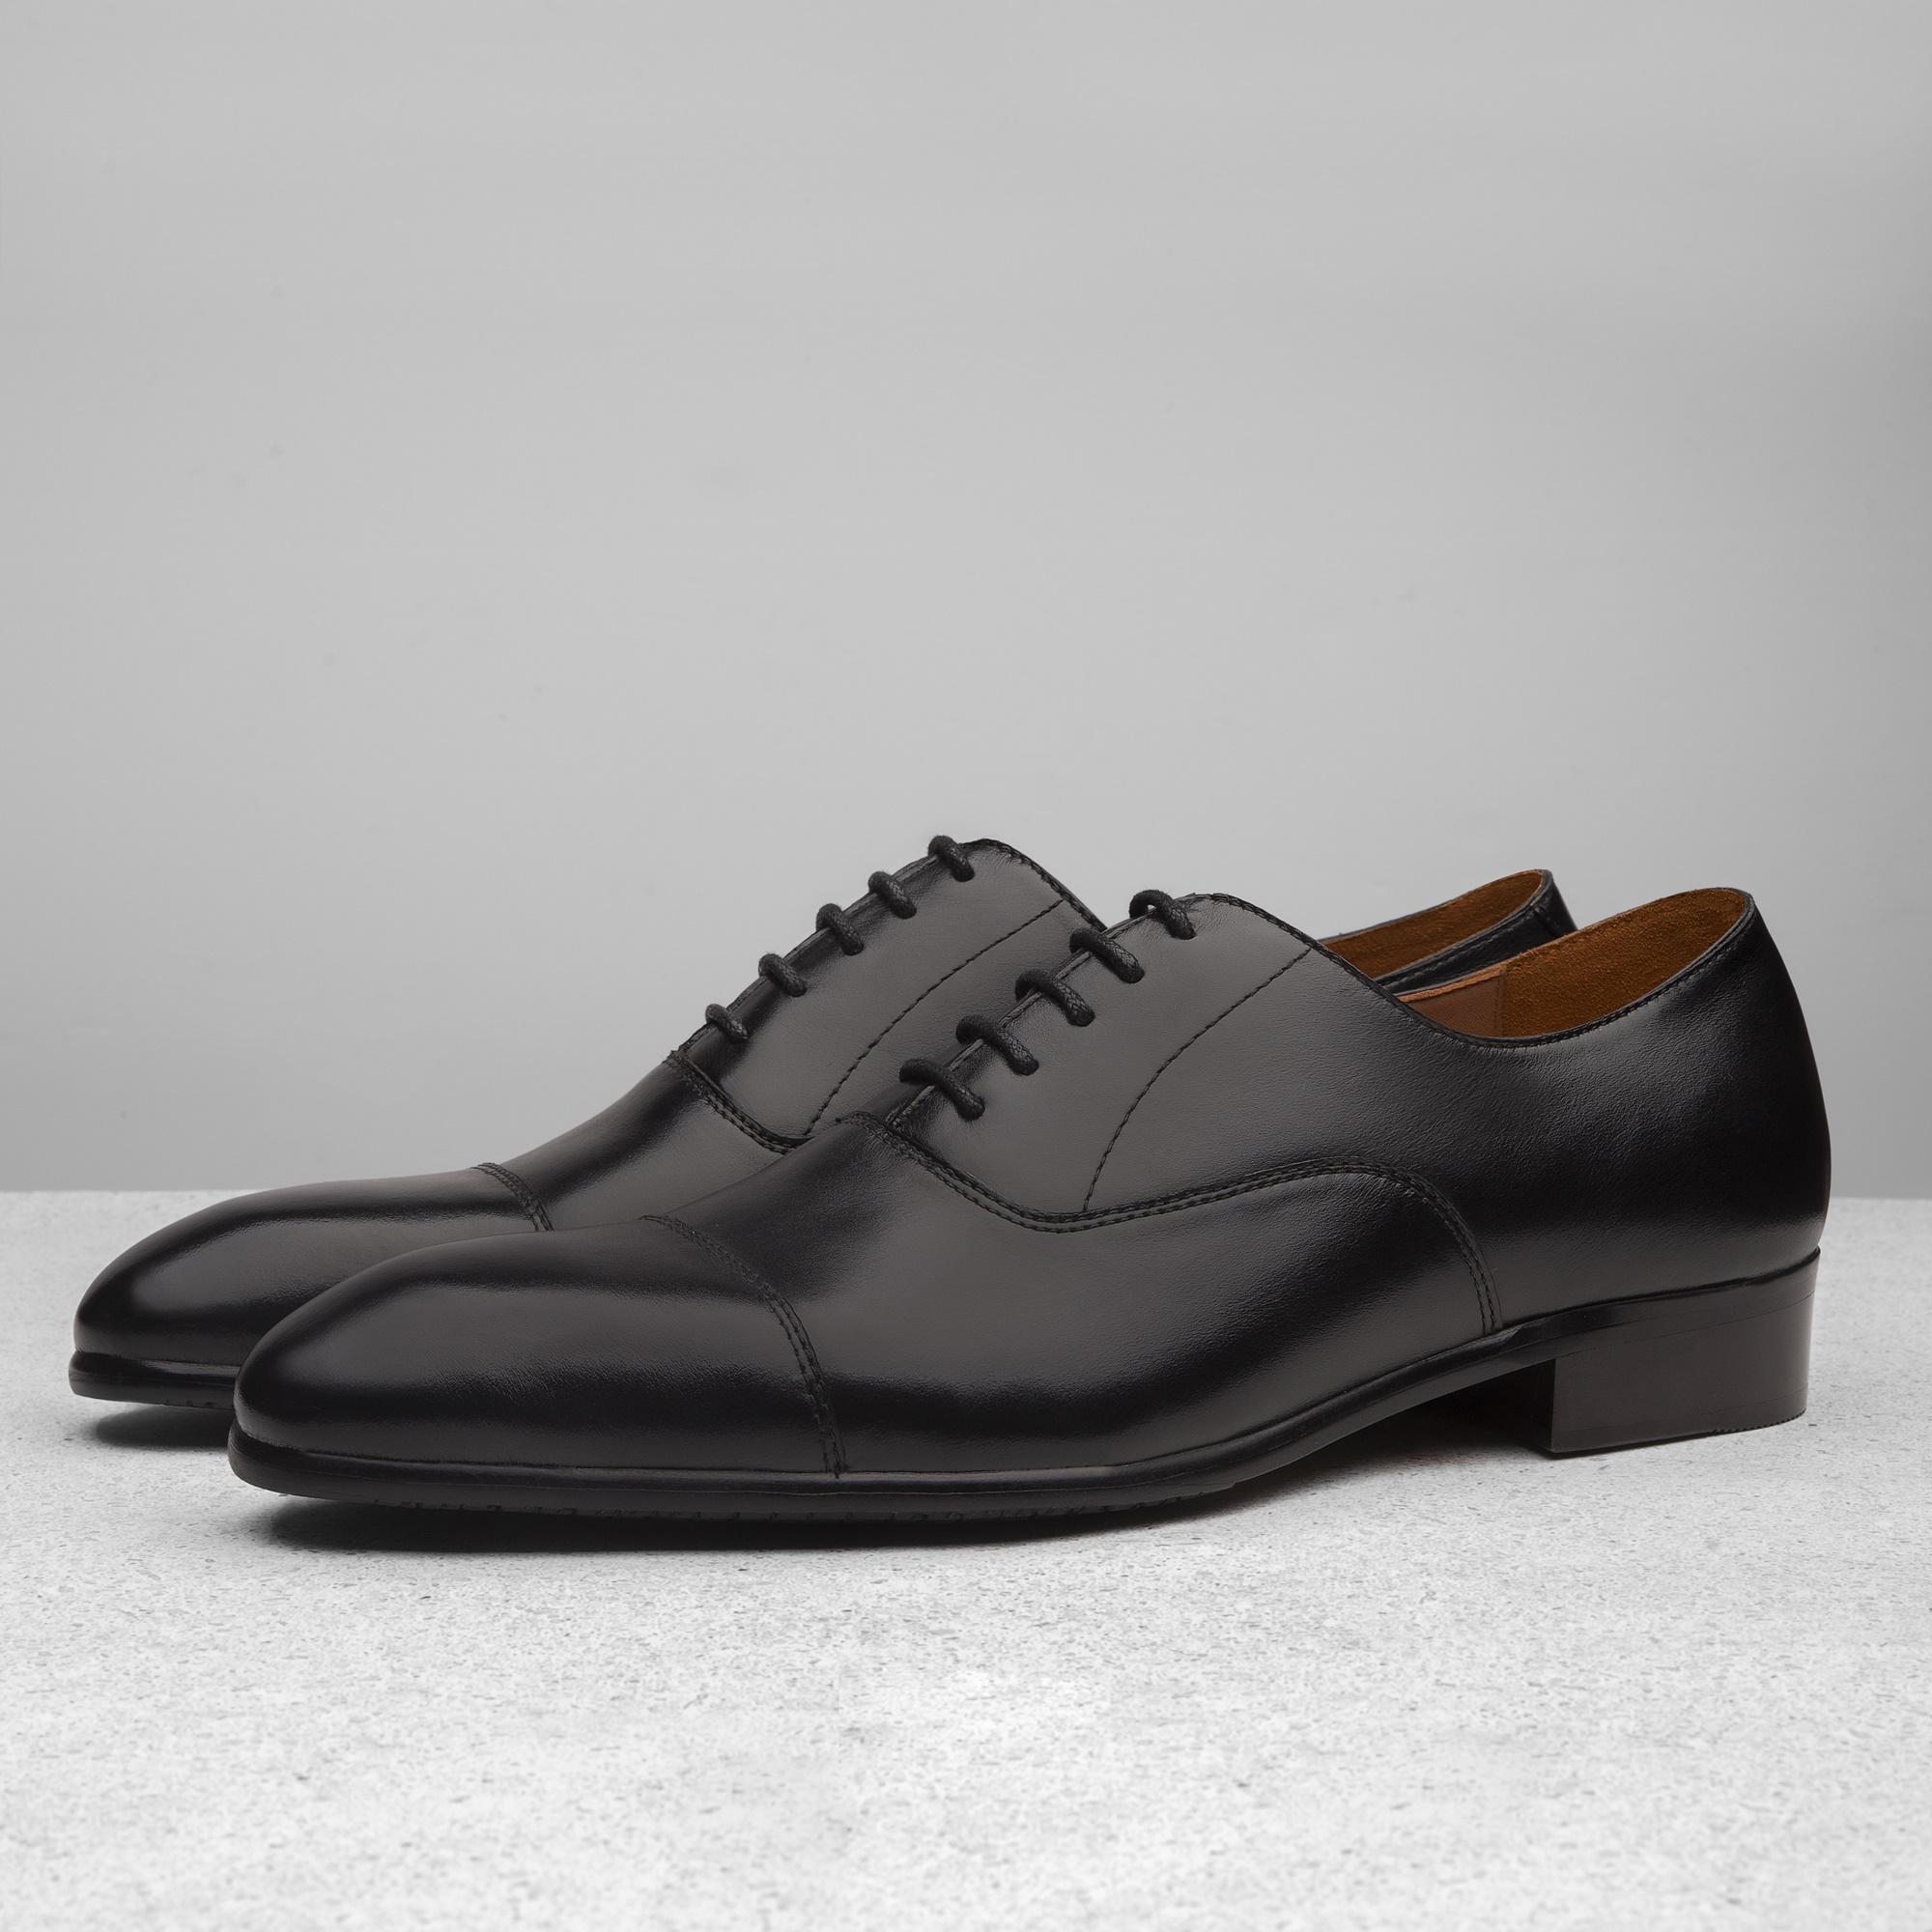 Giày Tây Nam Luxury Da Bò Thật ShoeX Sombrero Captoe Oxford - Black